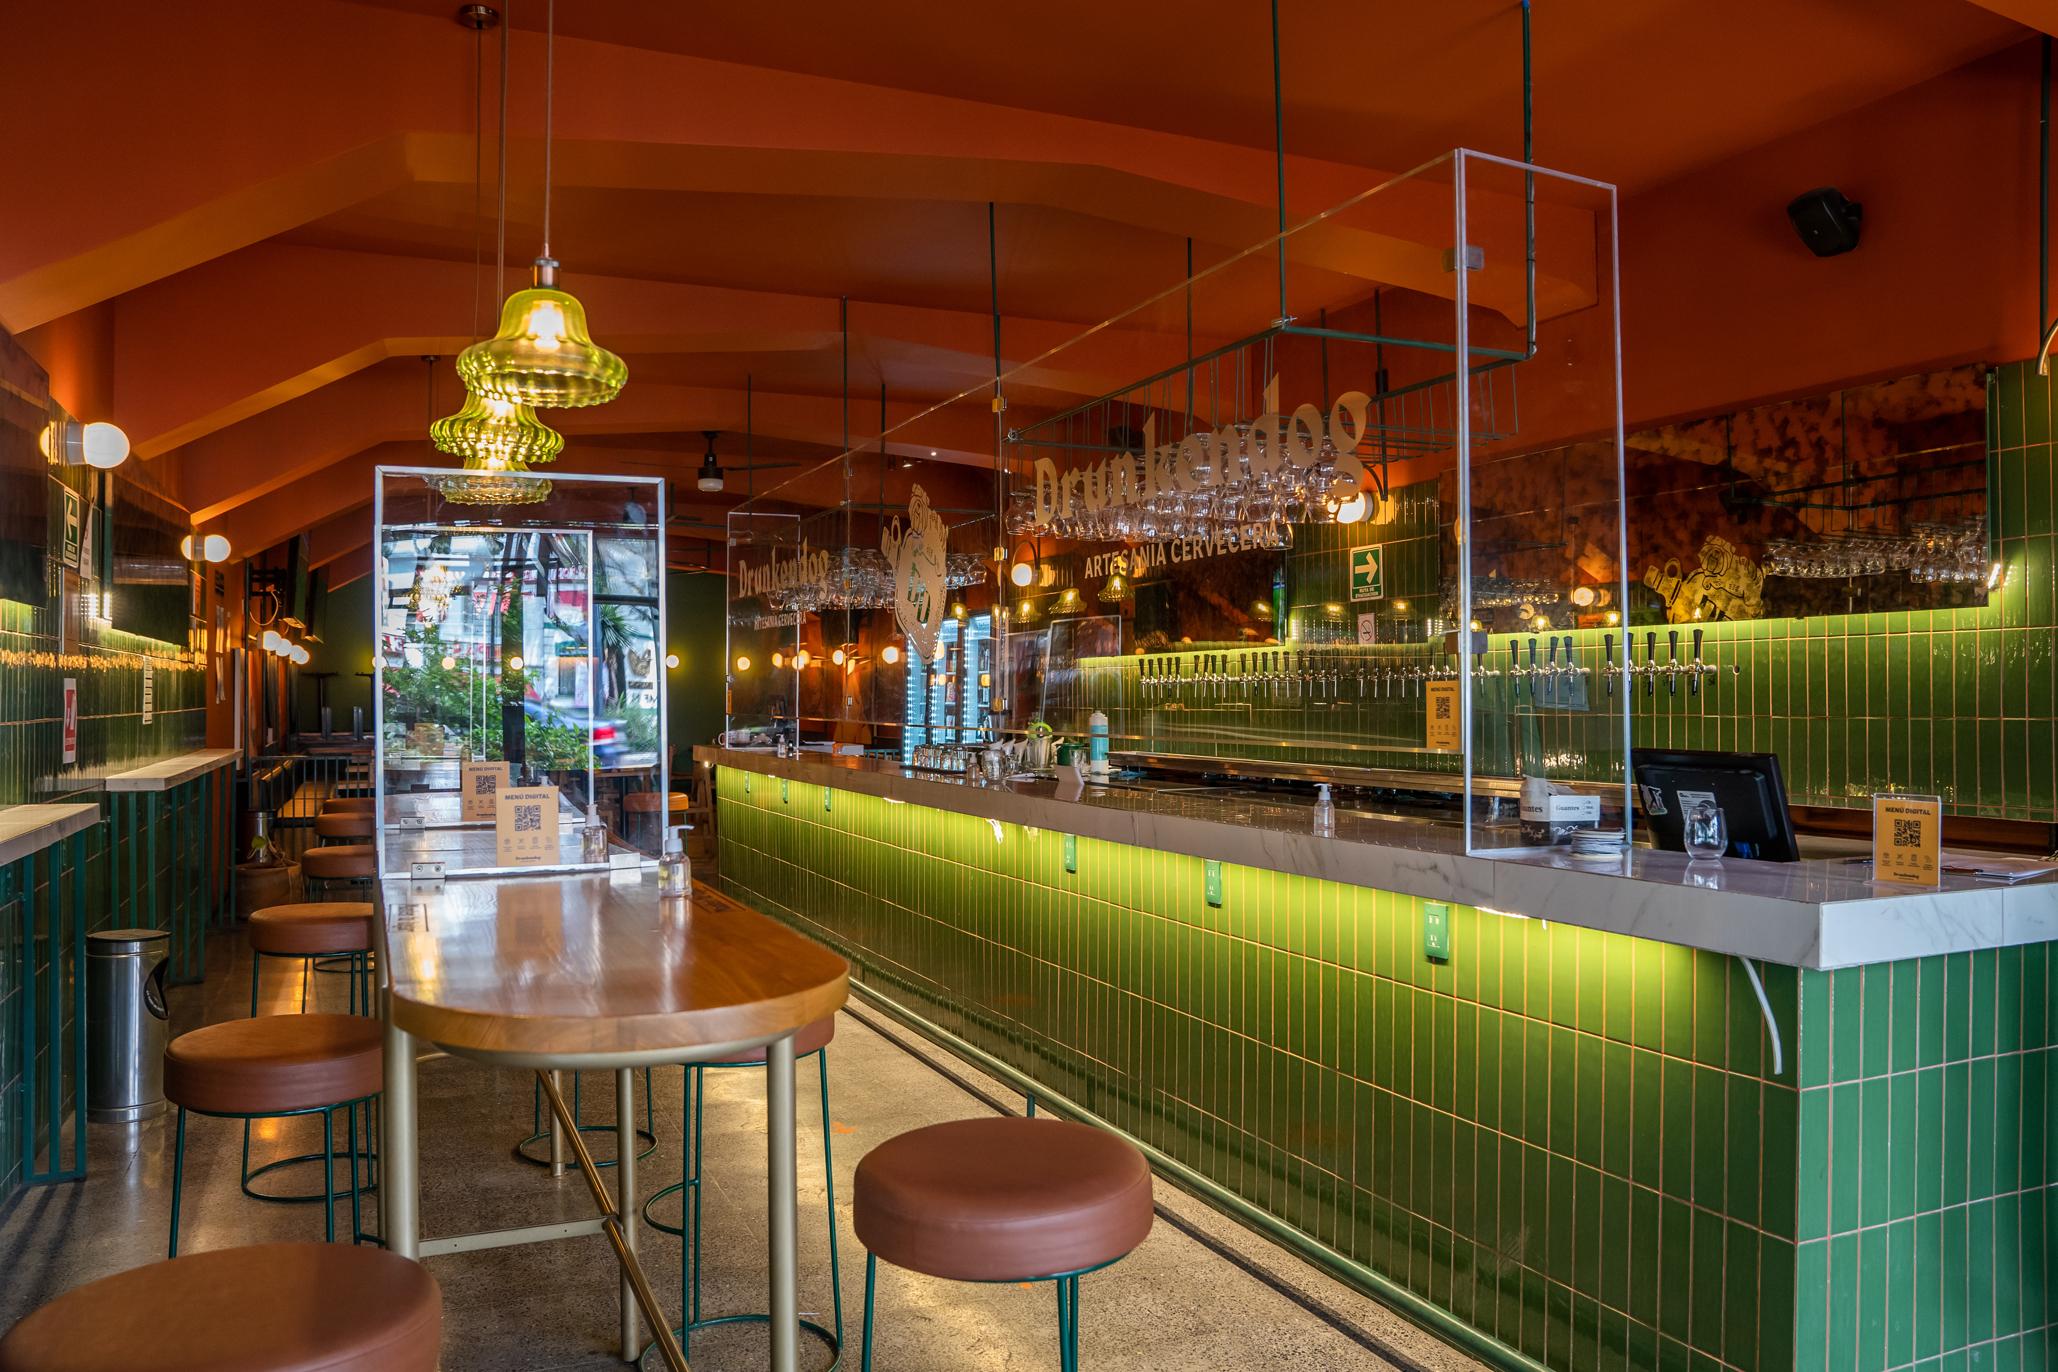 Drunkendog, cervezas artesanales en la Condesa